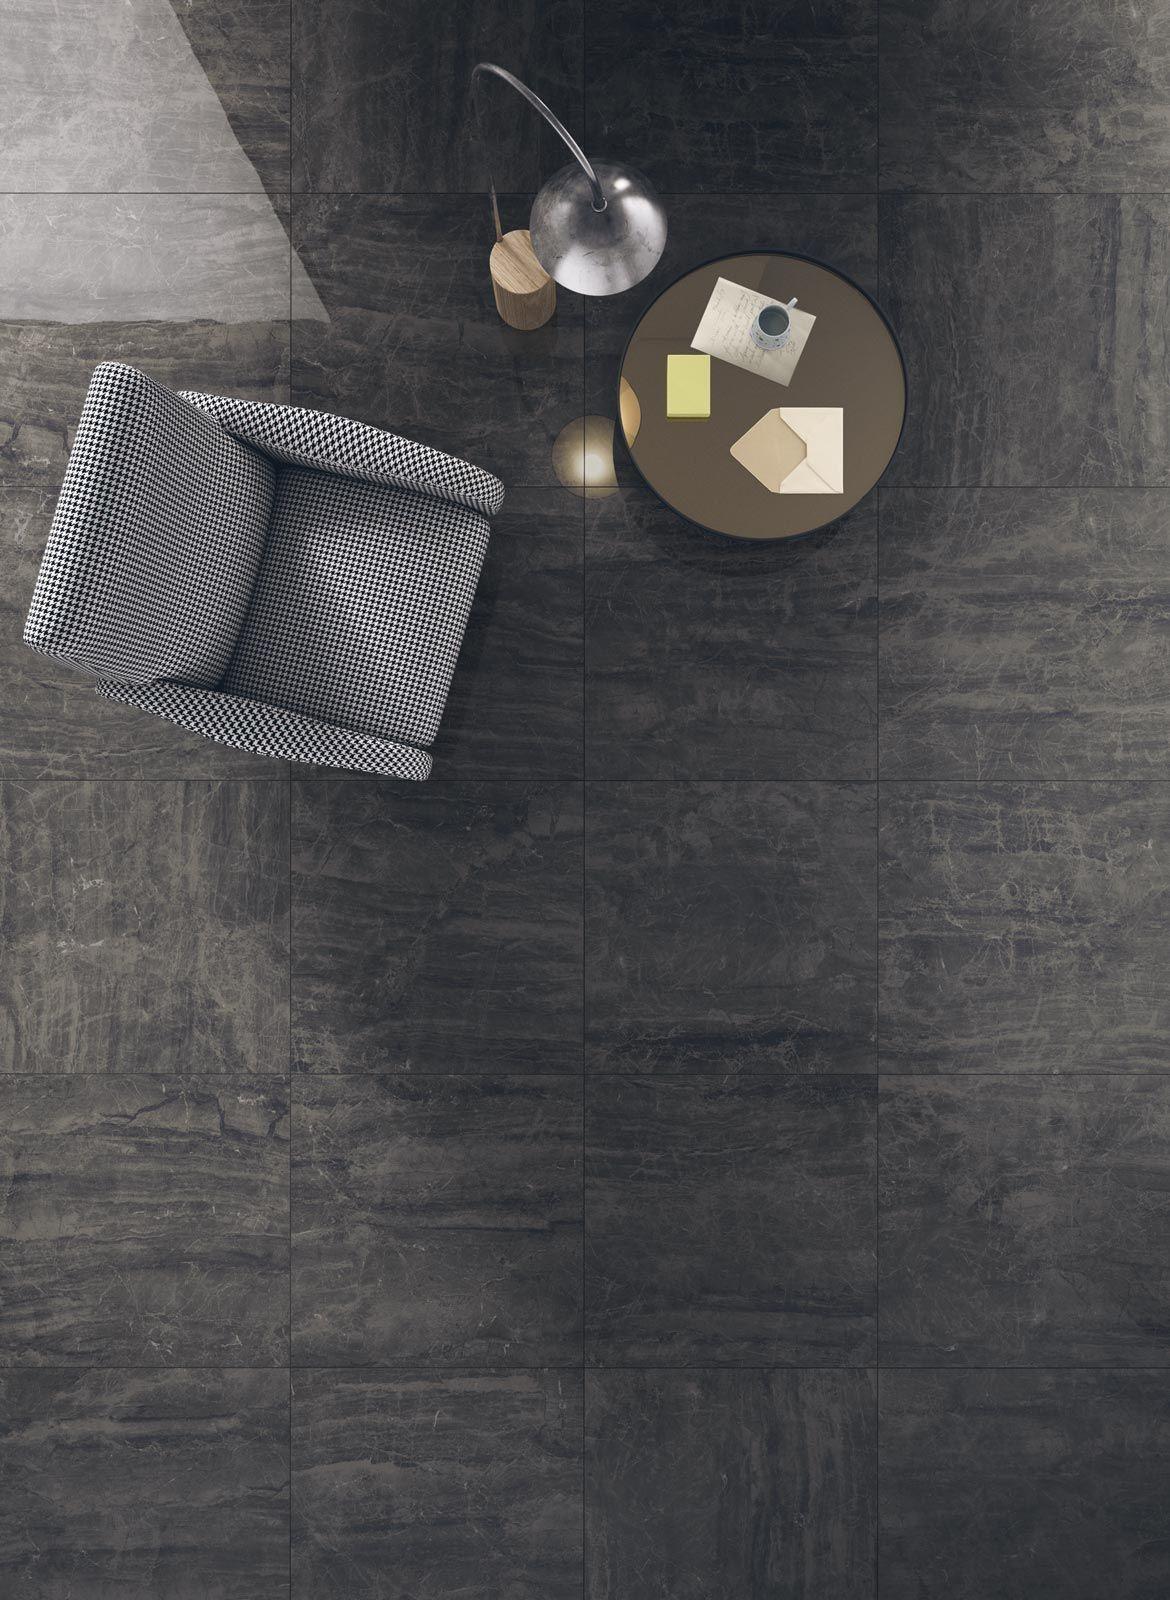 Bistrot Ceramic Tiles Ragno7166 190 Pln Tiles Pytki